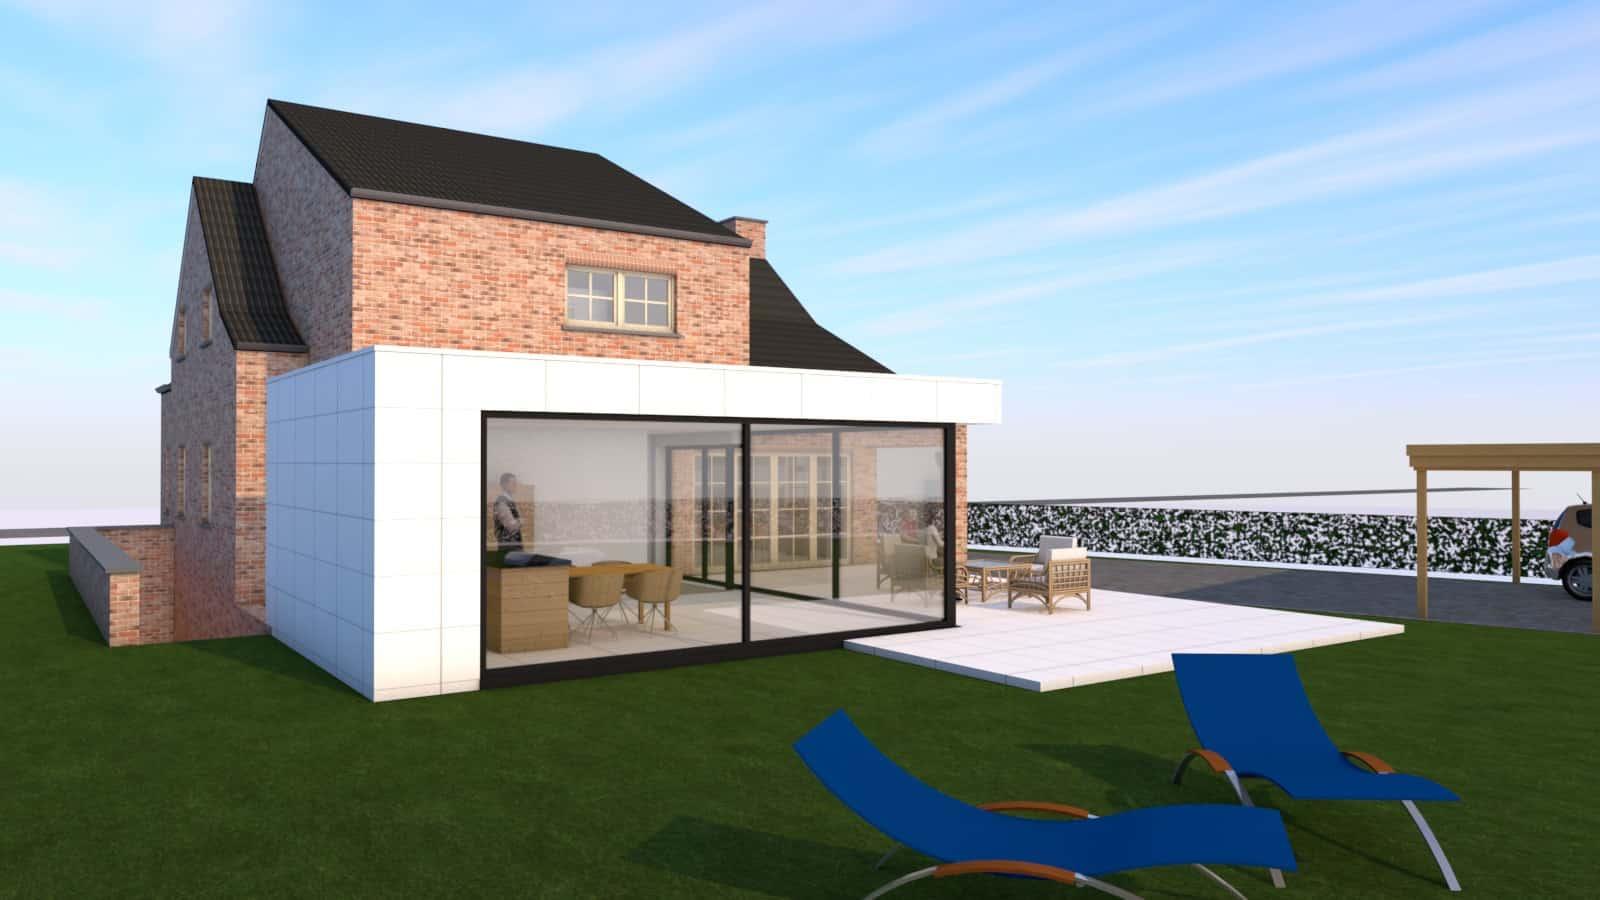 Detail afbeelding 1 van S & F   –   Uitbreiding woning   –   Opoeteren | Ontwerp door architect Patrick Strackx